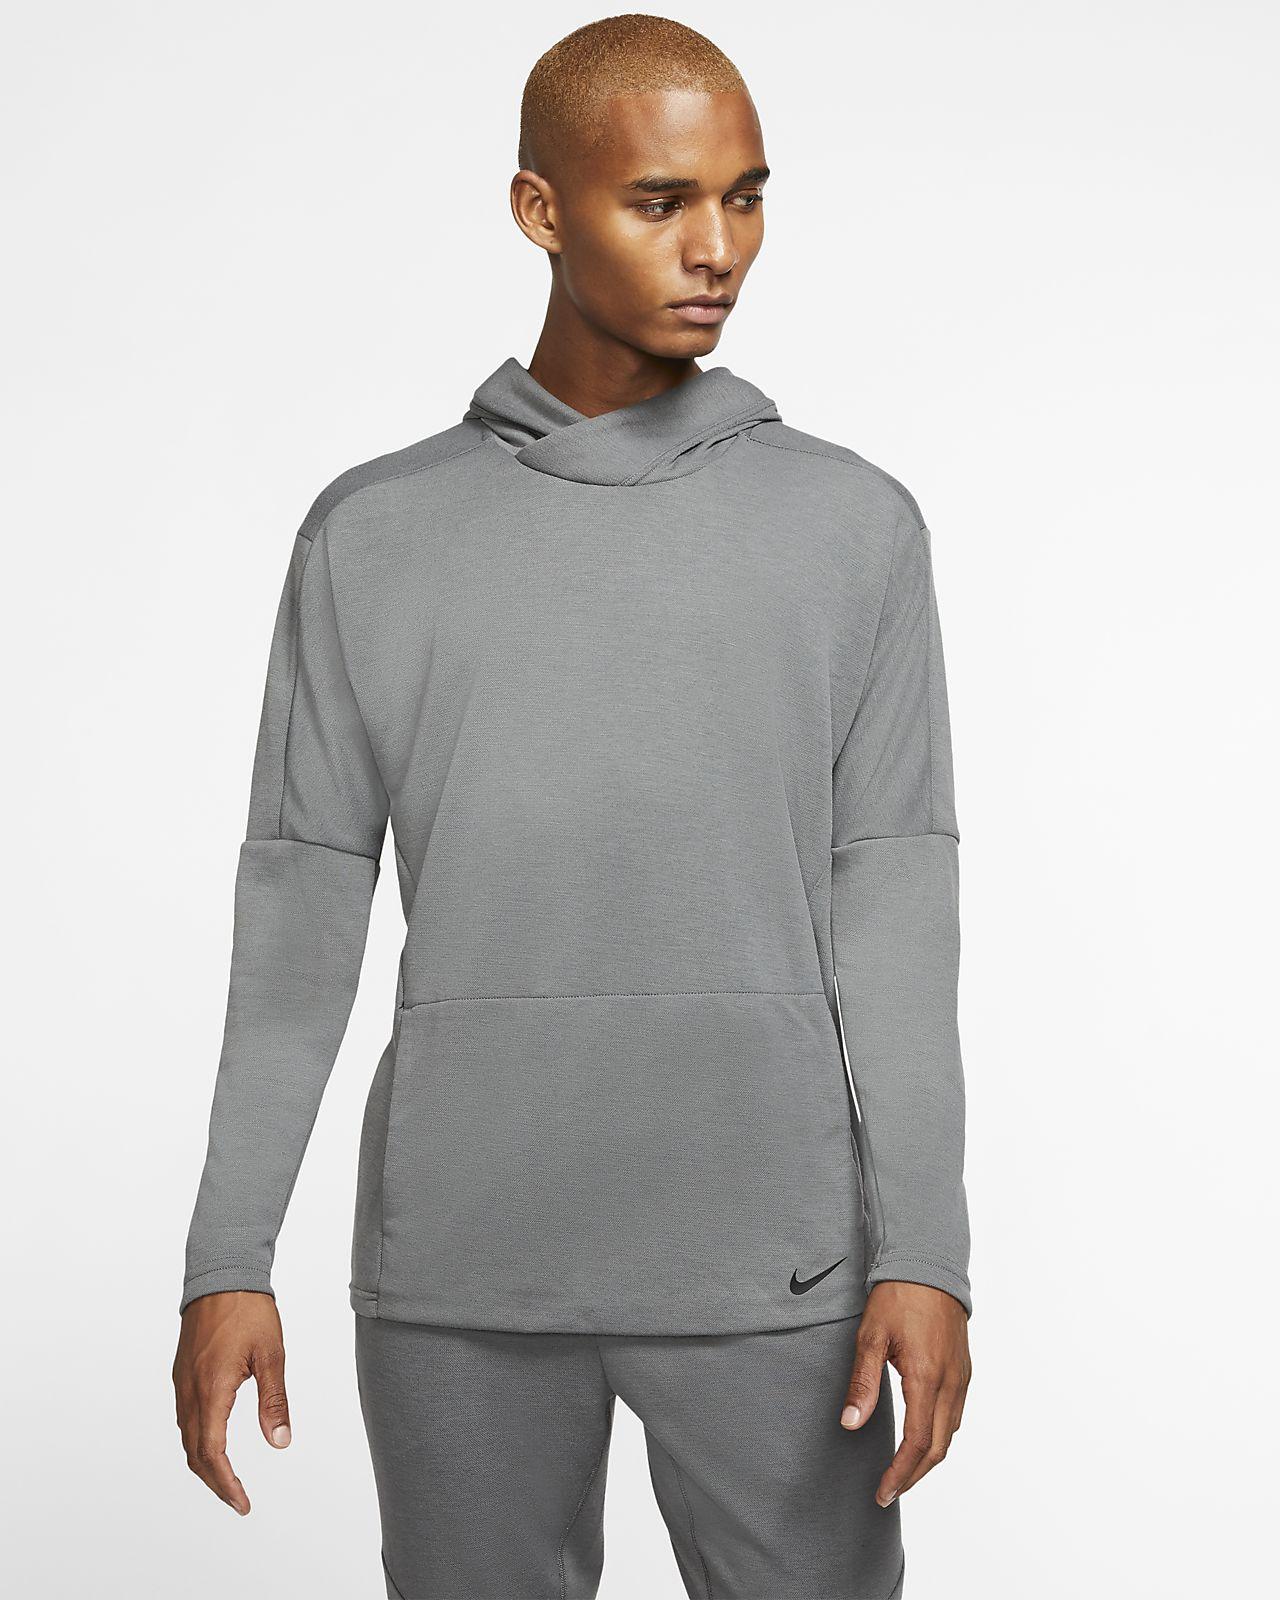 Felpa pullover con cappuccio Nike Yoga Dri-FIT - Uomo